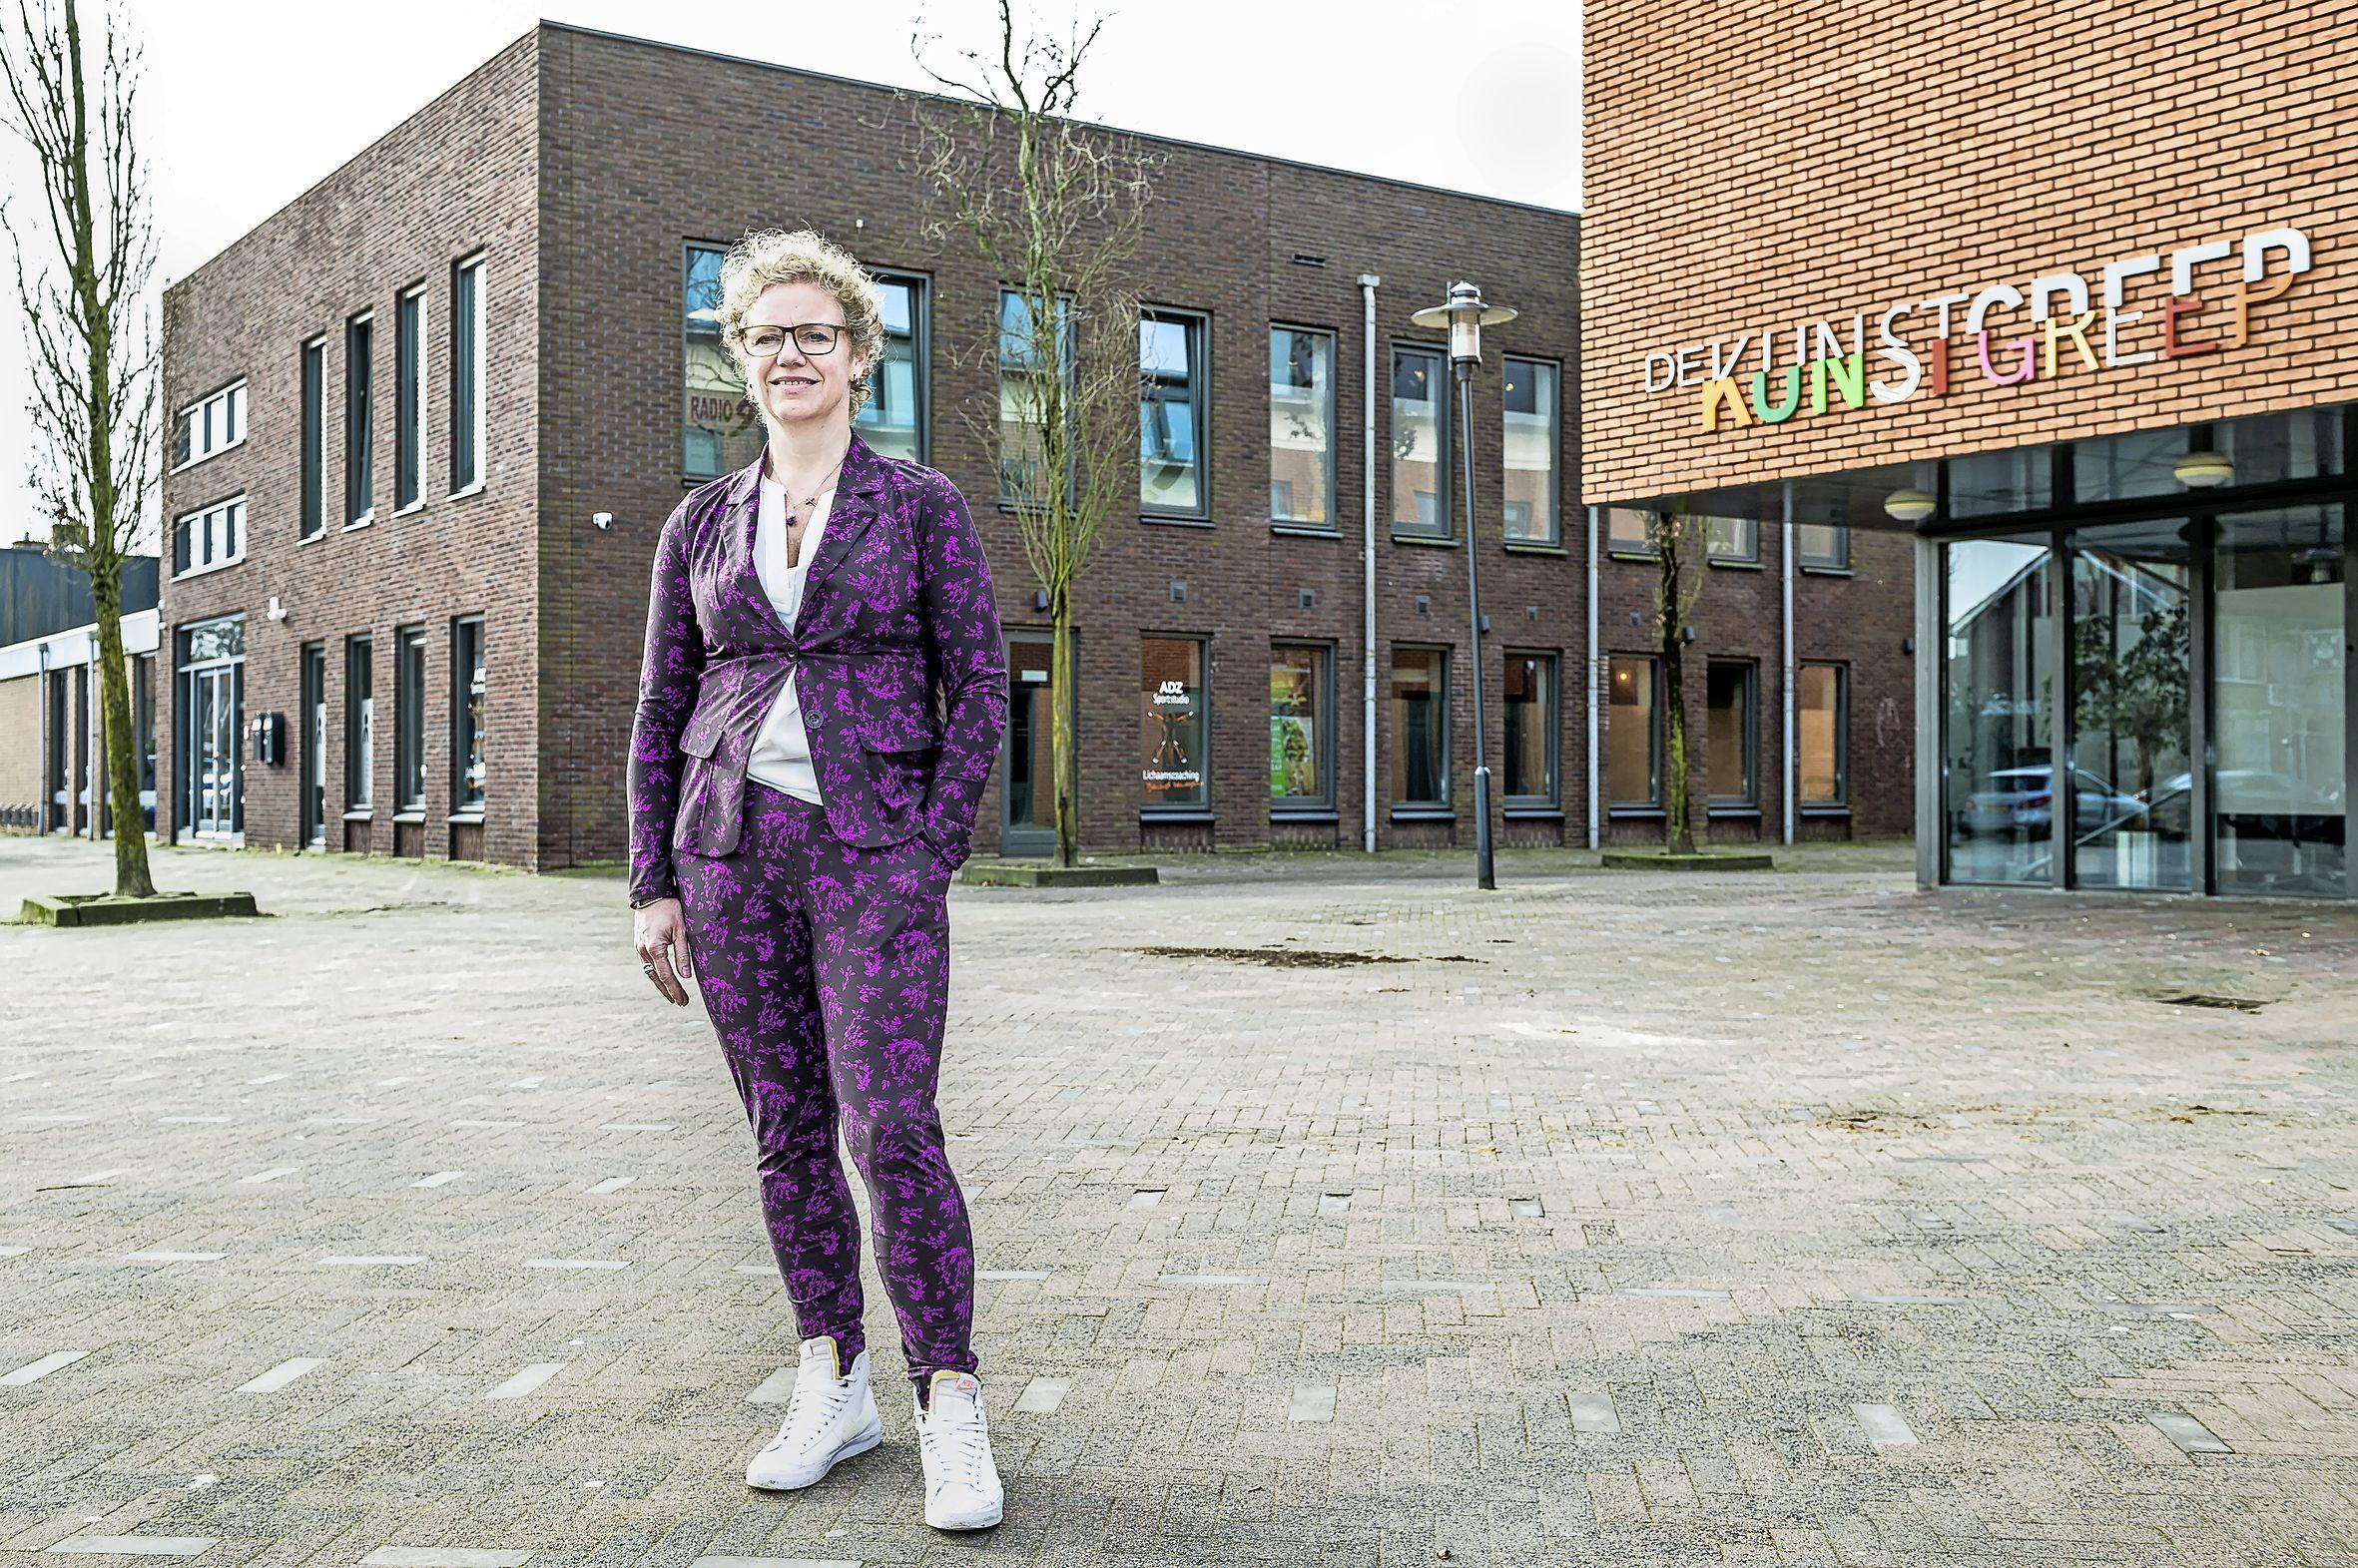 Sportscholen trainen buiten, alleen ADZ mag het niet van Oostzaan. 'Ze maken mijn sportschool stuk'